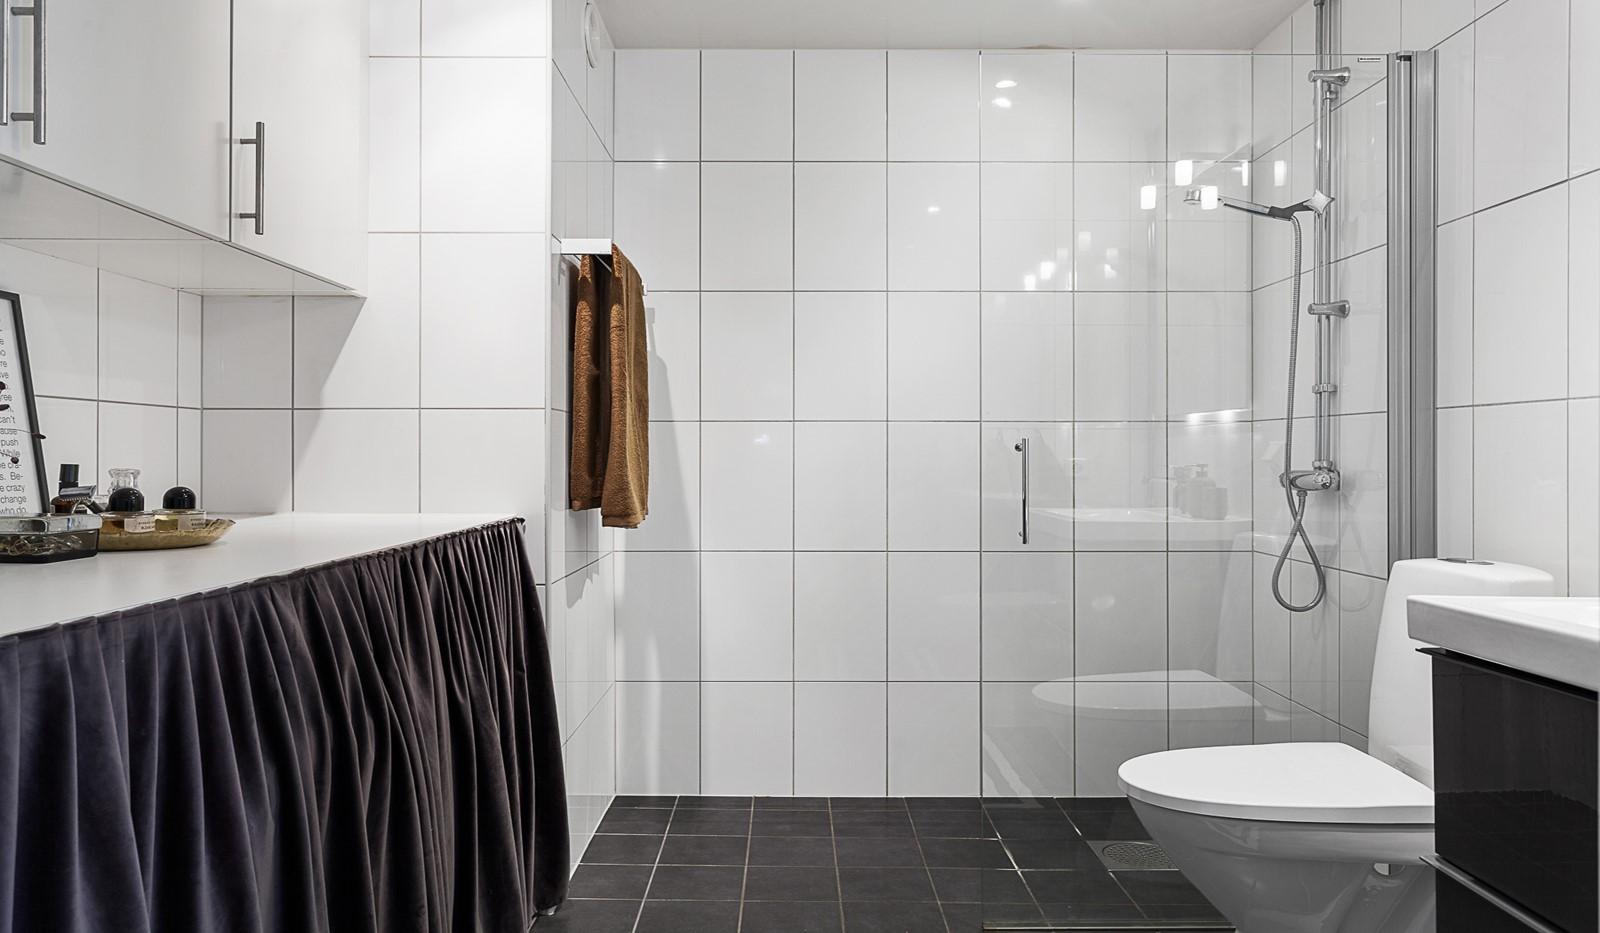 Grönbrinksgatan 10, 5 tr - Stilrent och fullt utrustat badrum